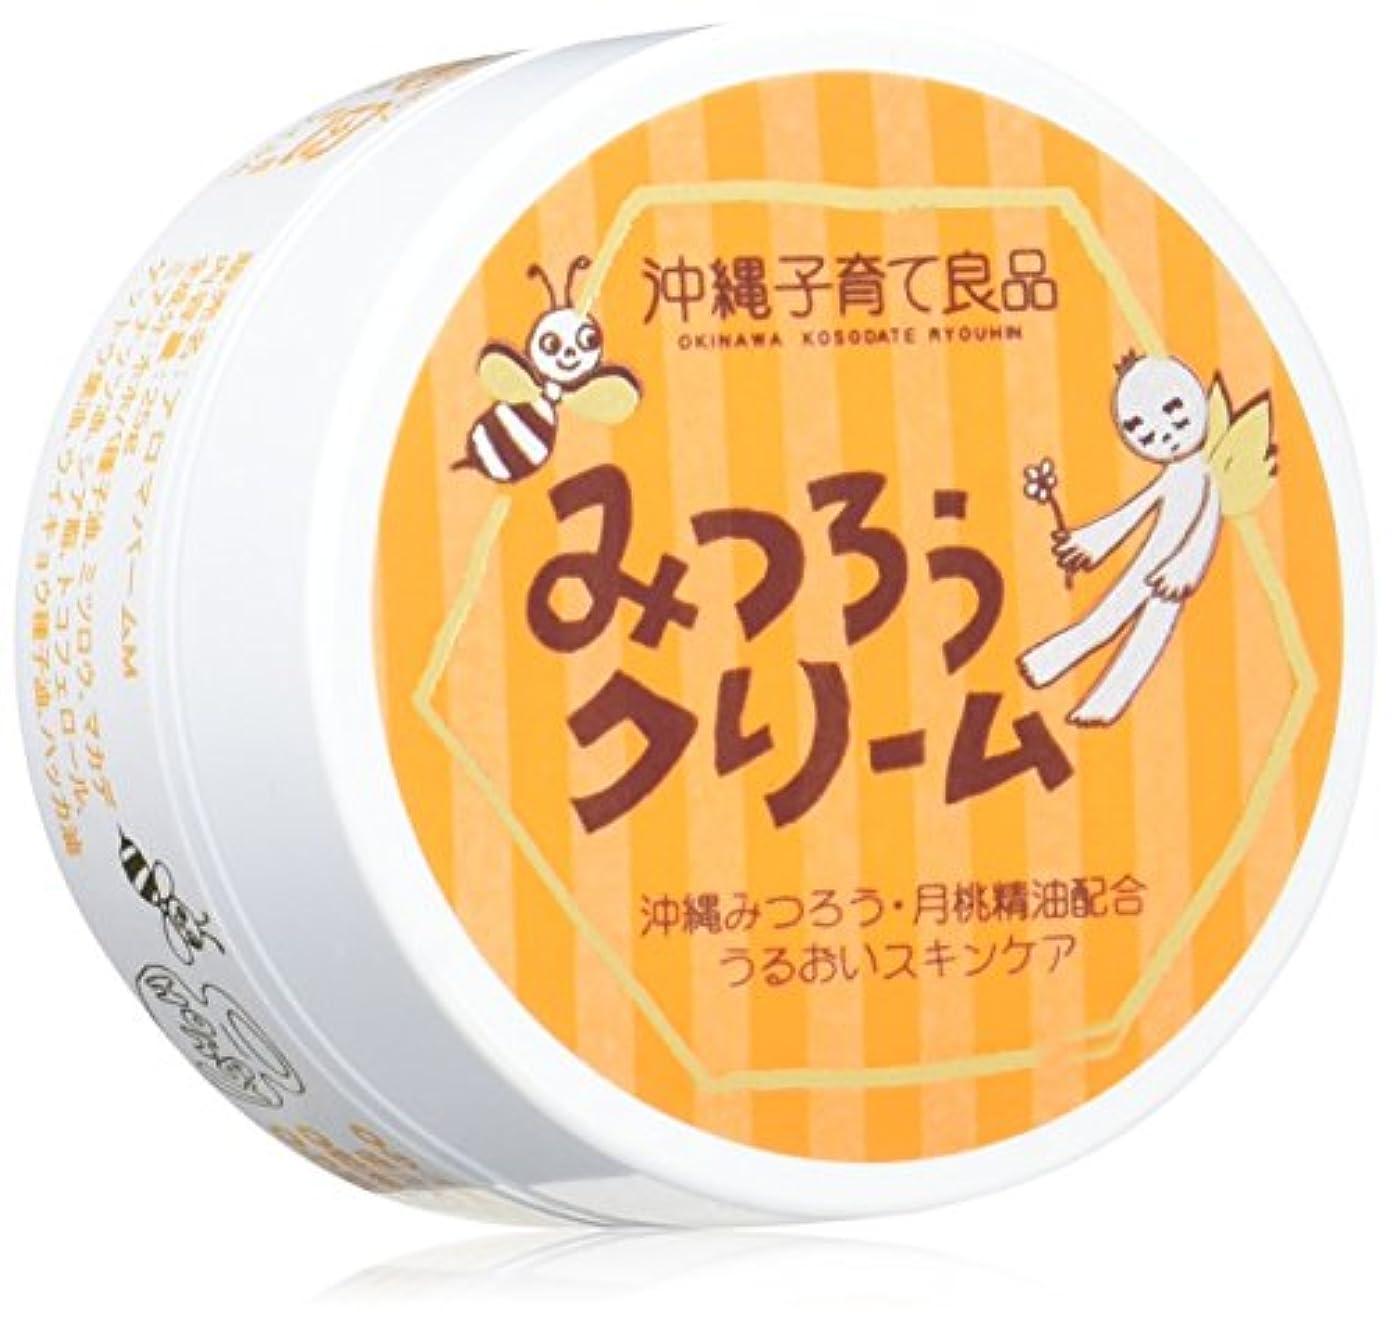 明示的に悪性腫瘍装備する沖縄子育て良品 みつろうクリーム (25g)